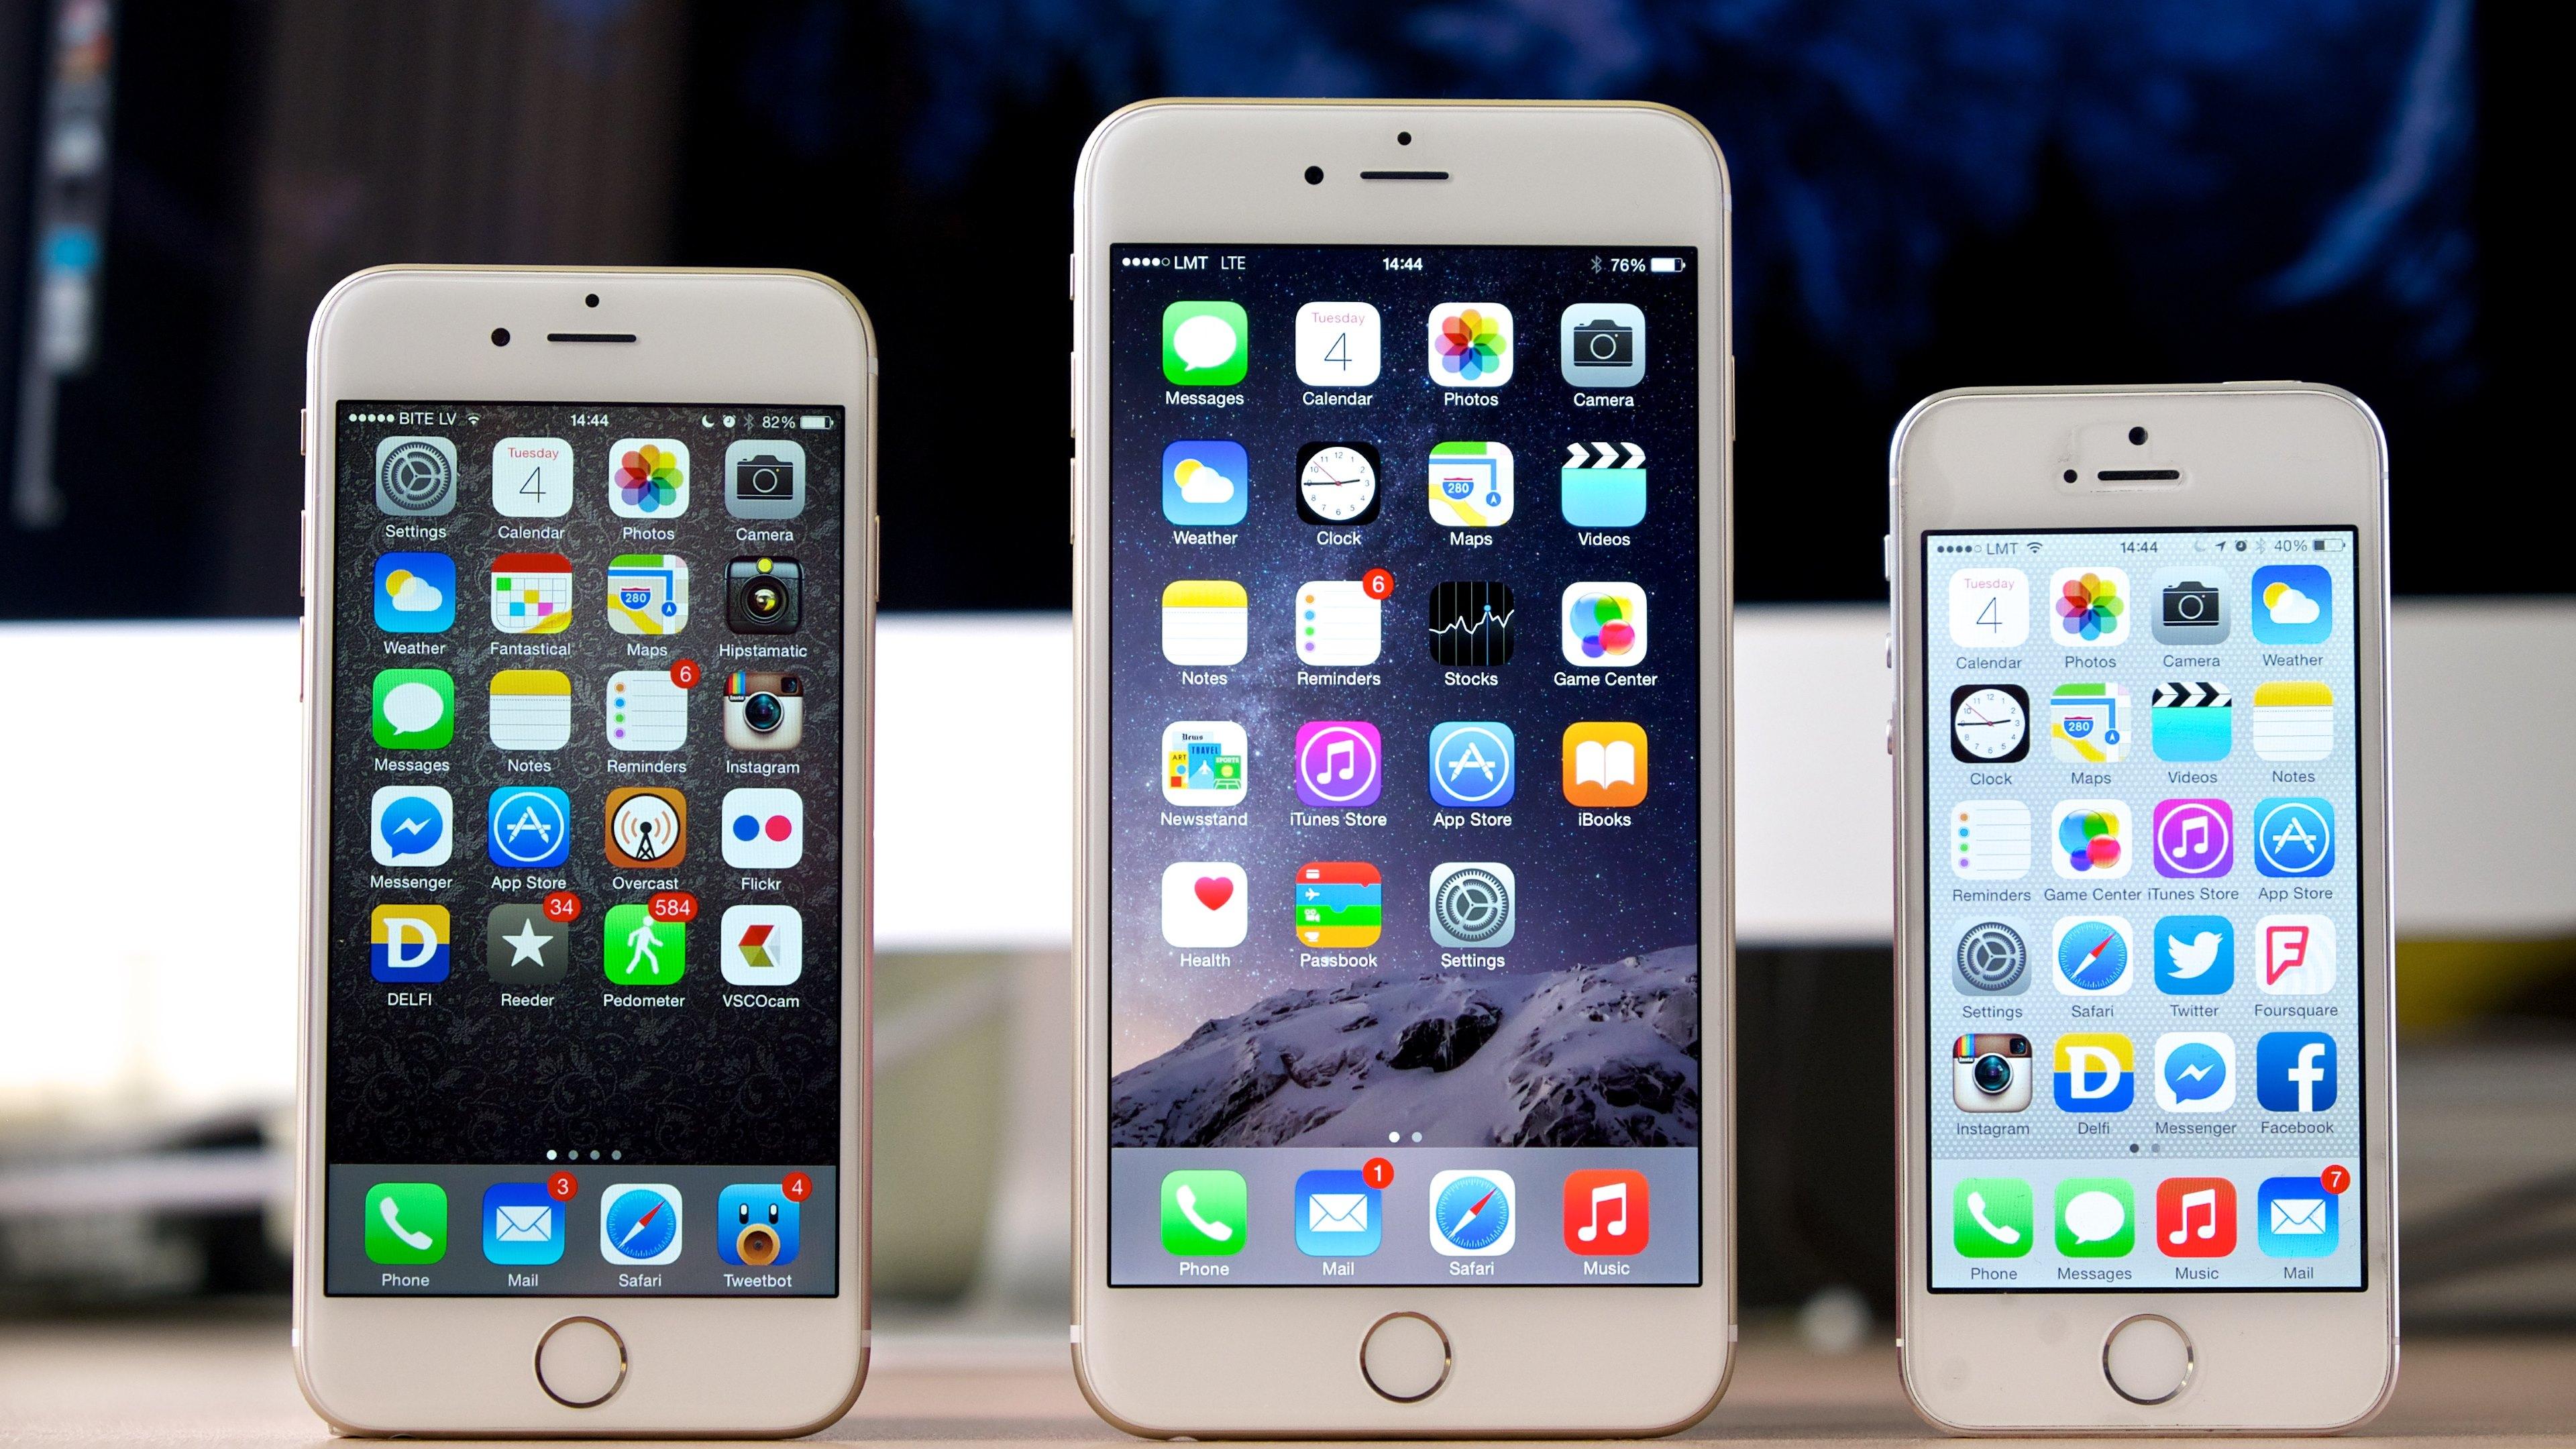 49 Iphone 6 Plus Wallpaper 1080p On Wallpapersafari